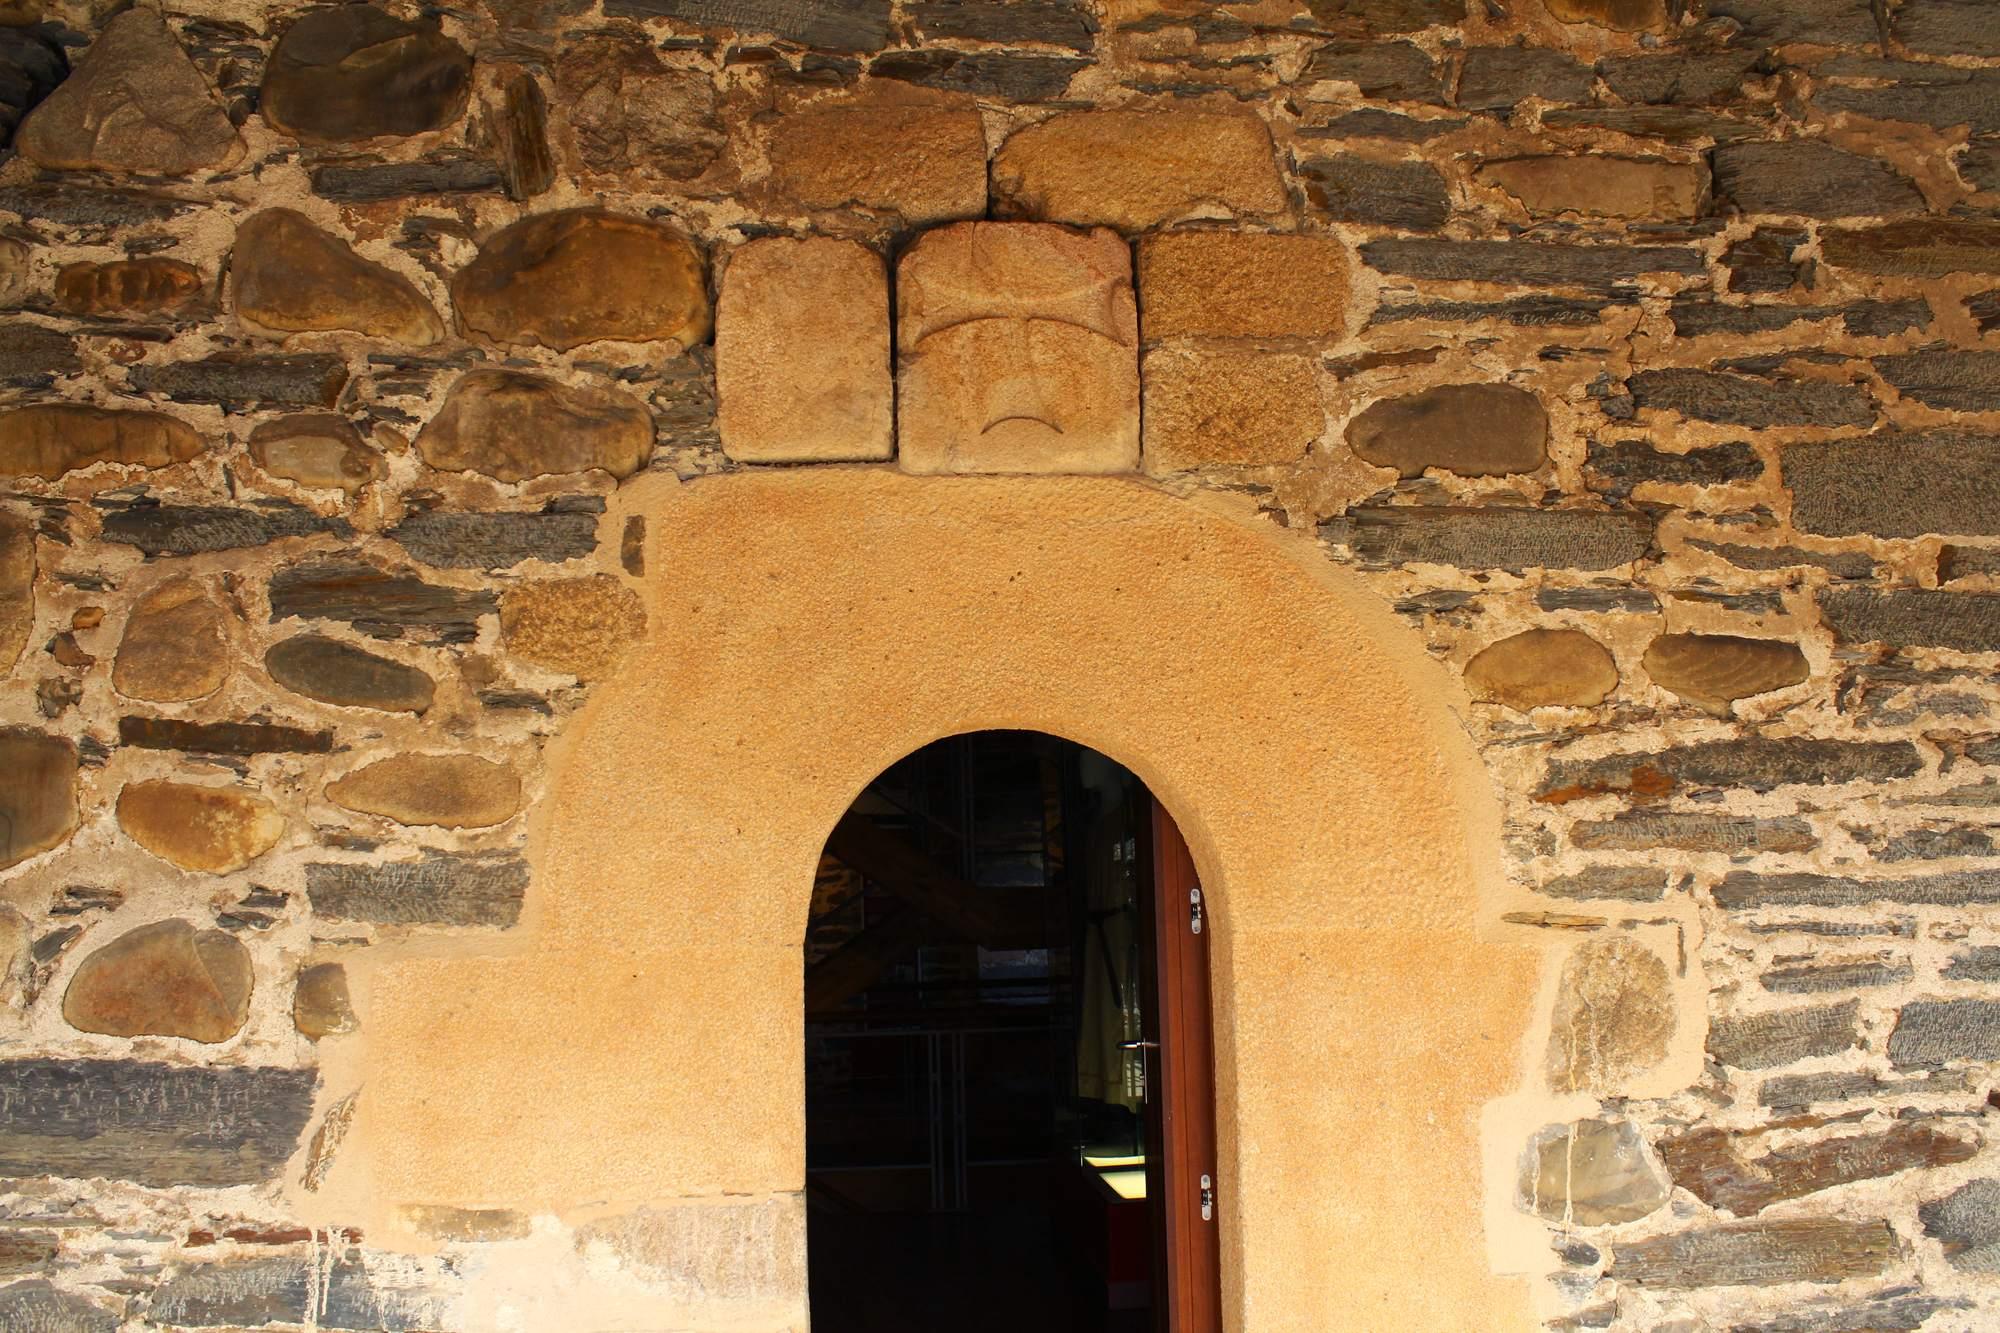 castle ponferrada10 Templar Castle of Ponferrada, Spain